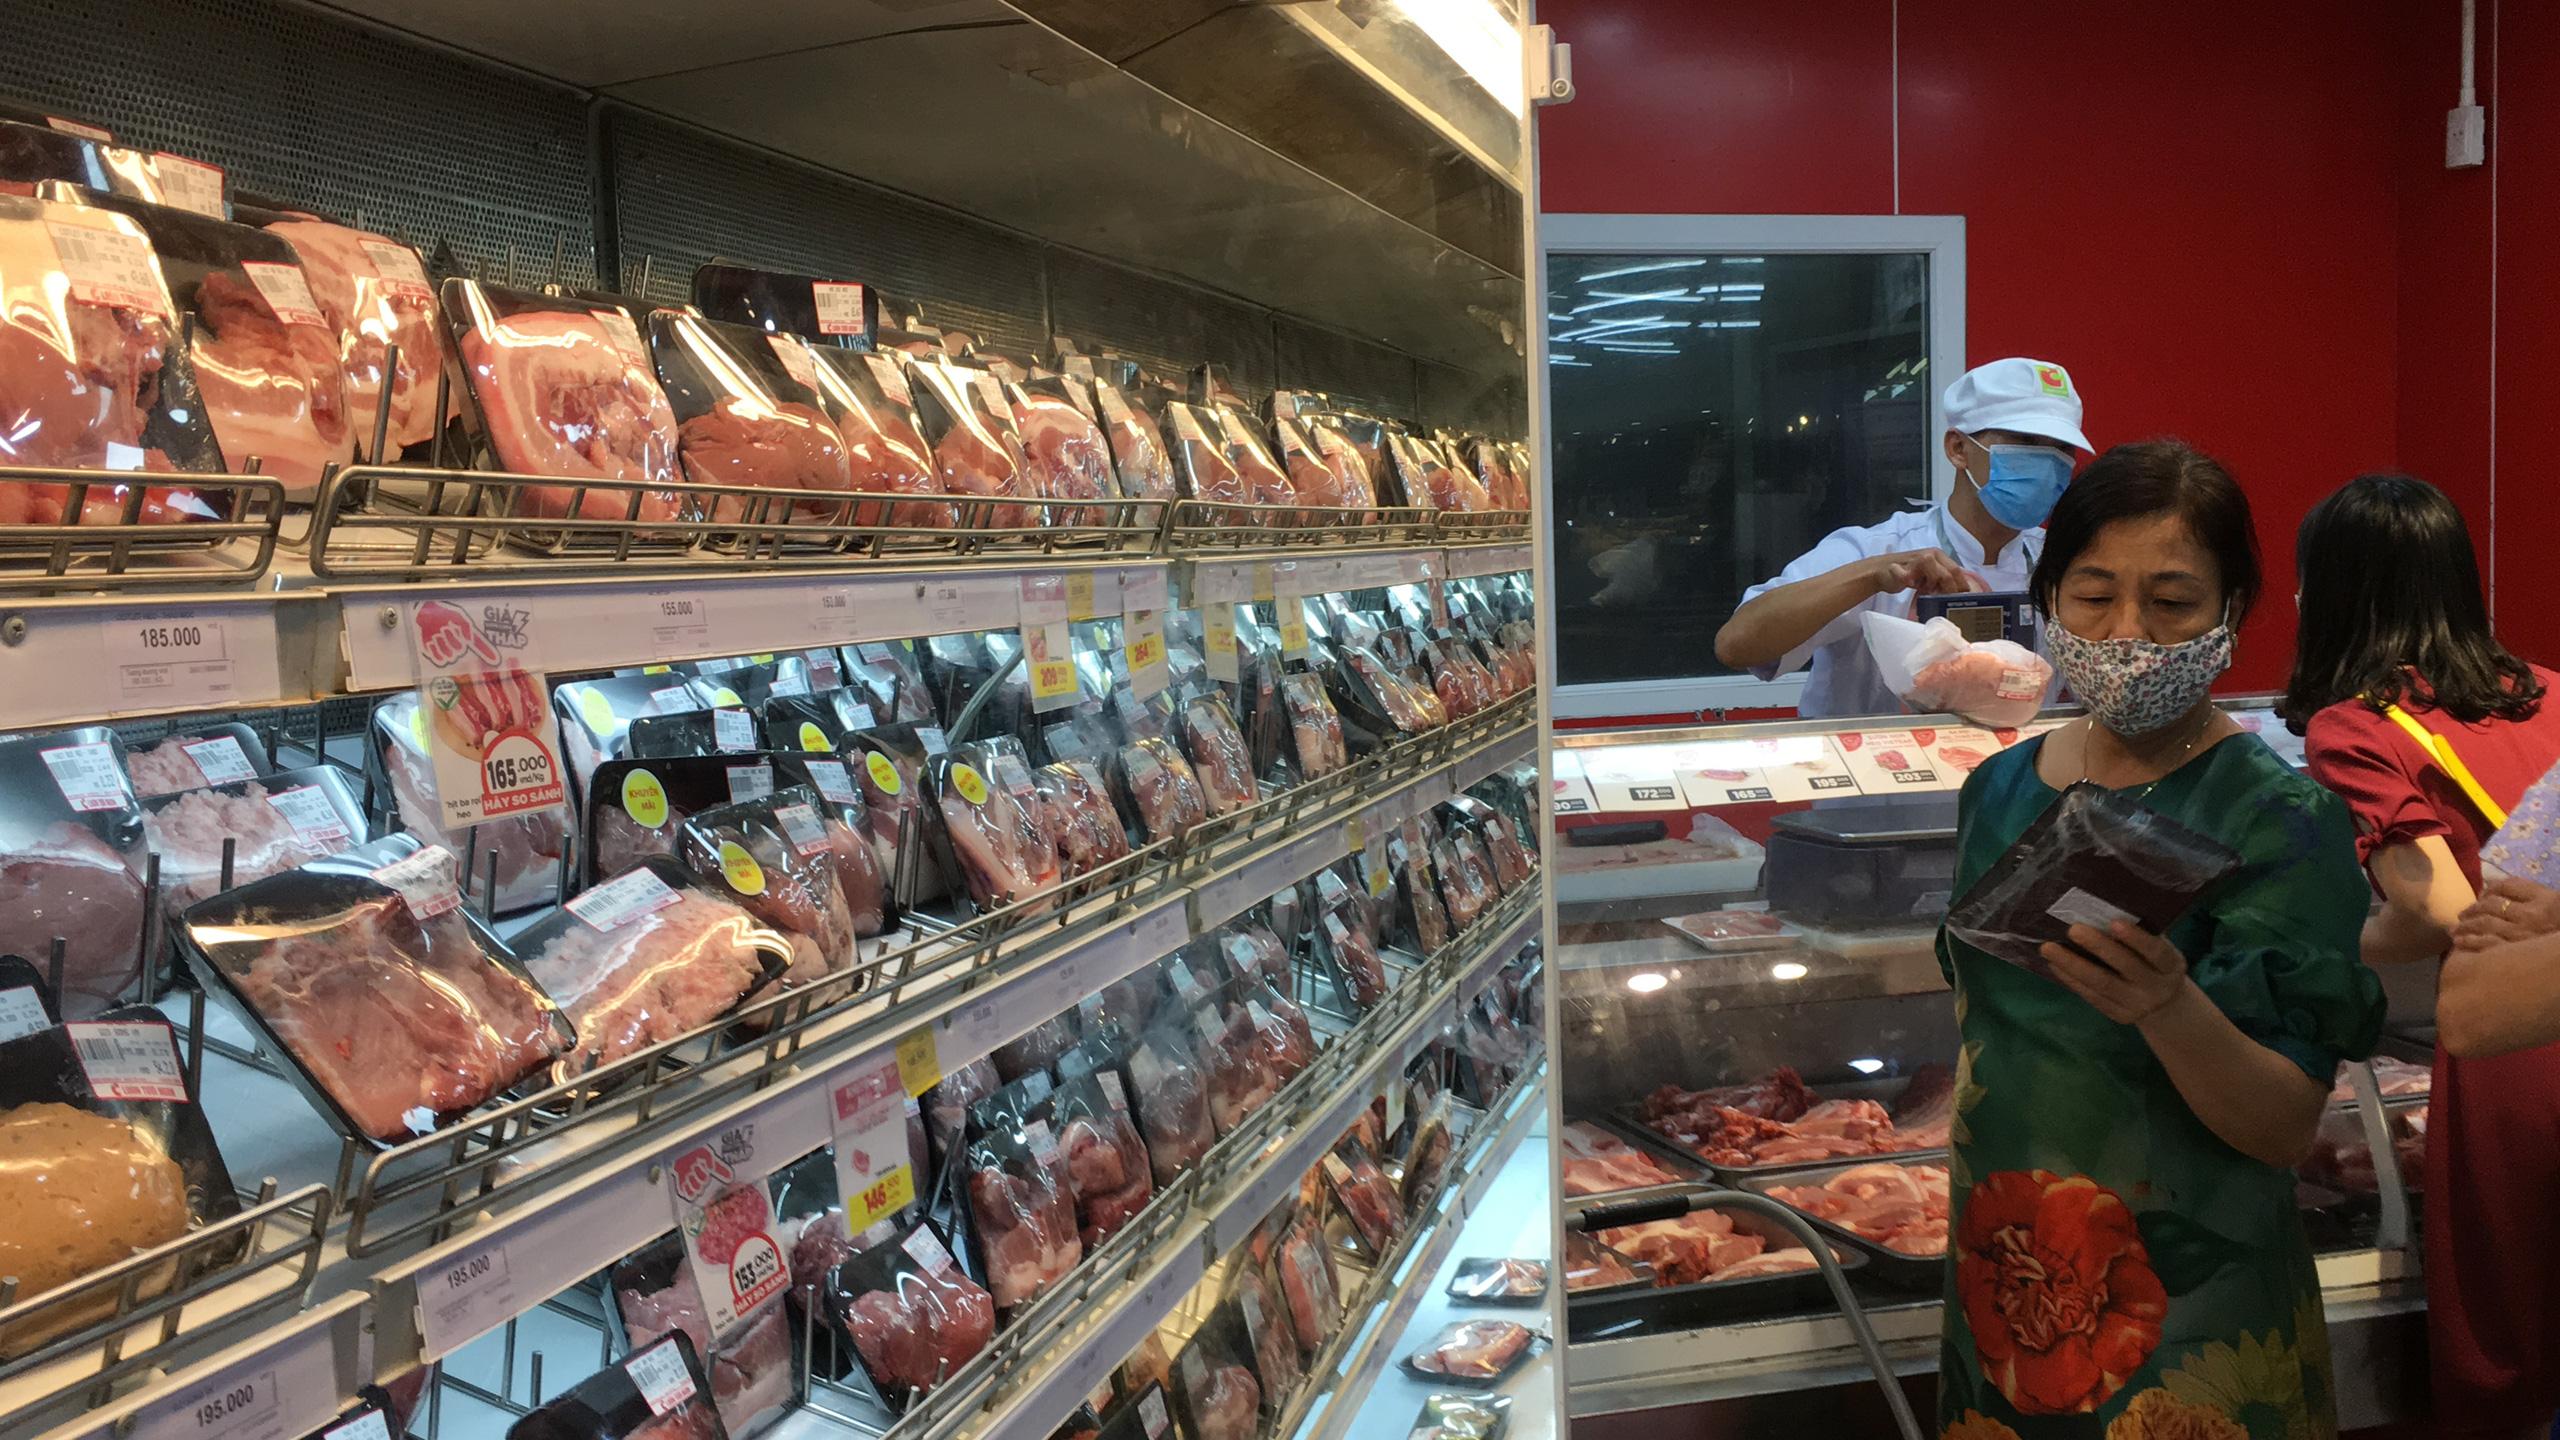 Đà Nẵng sẽ bán thịt heo thấp hơn thị trường 5.000 đồng/kg, dự trữ đến 1.300 tấn Tết Tân Sửu 2021 - Ảnh 1.